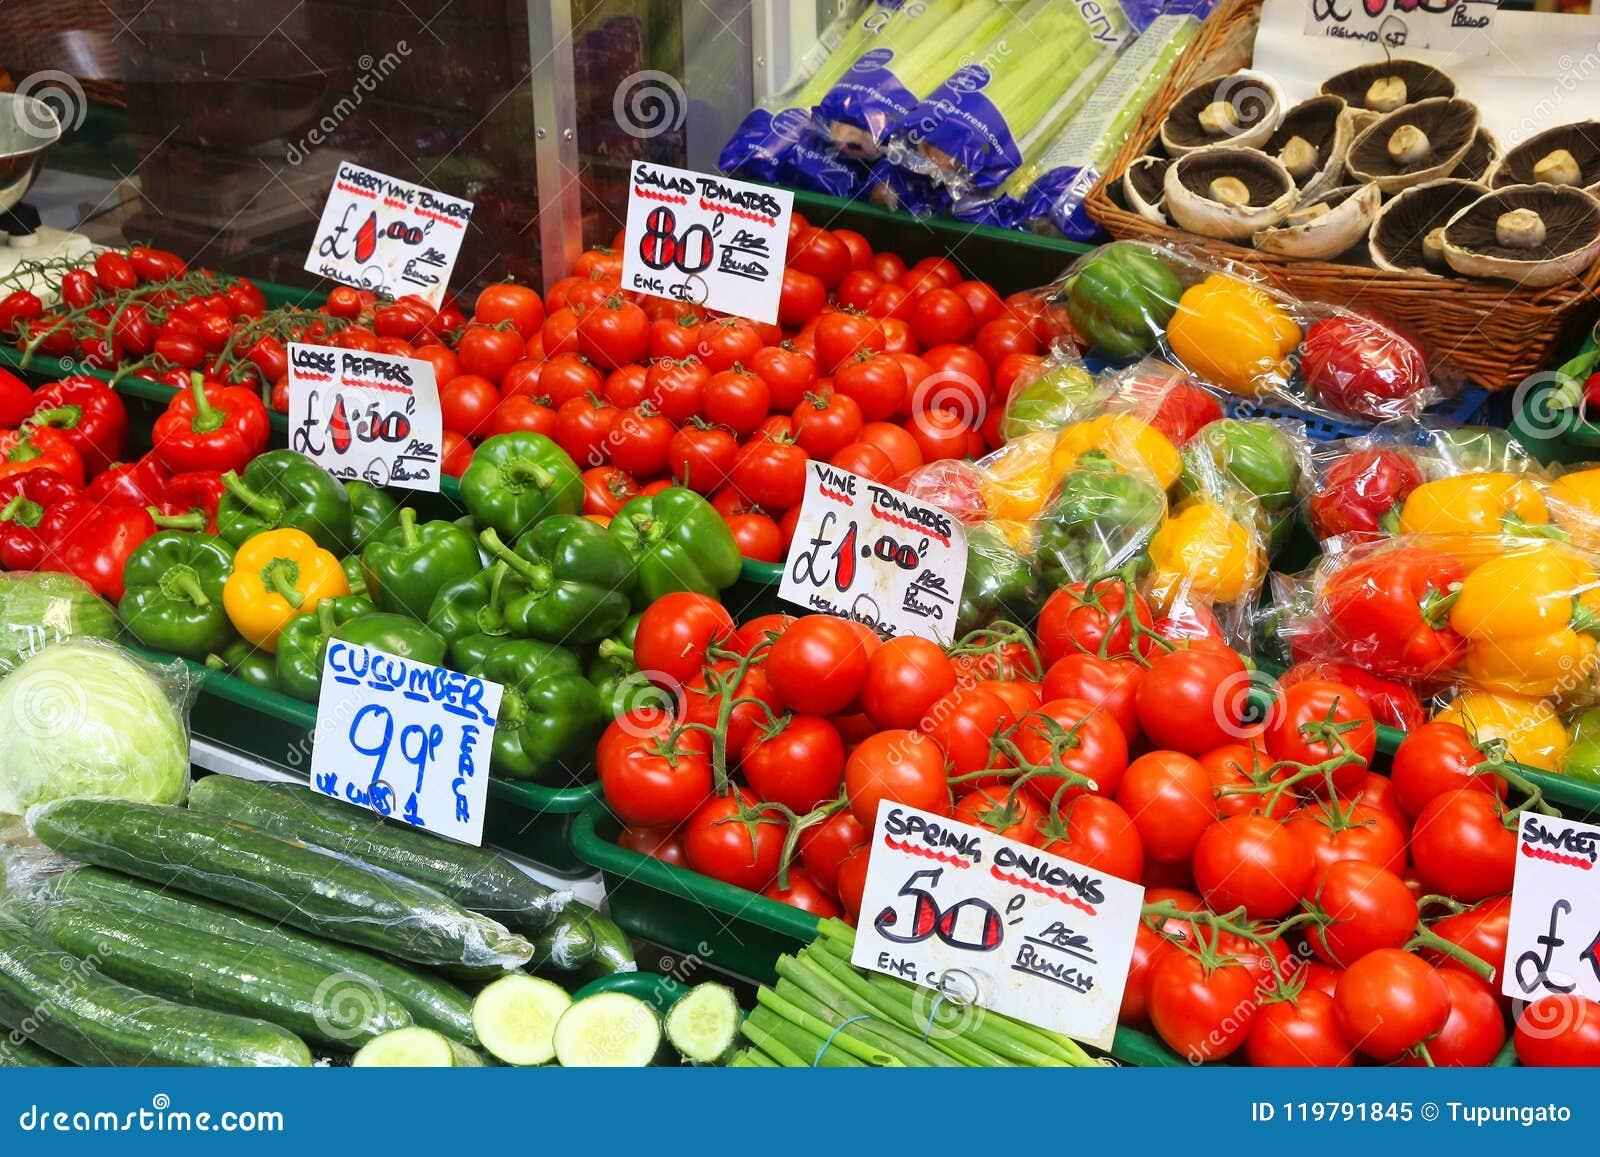 Grüner Lebensmittelhändler   s Großbritannien